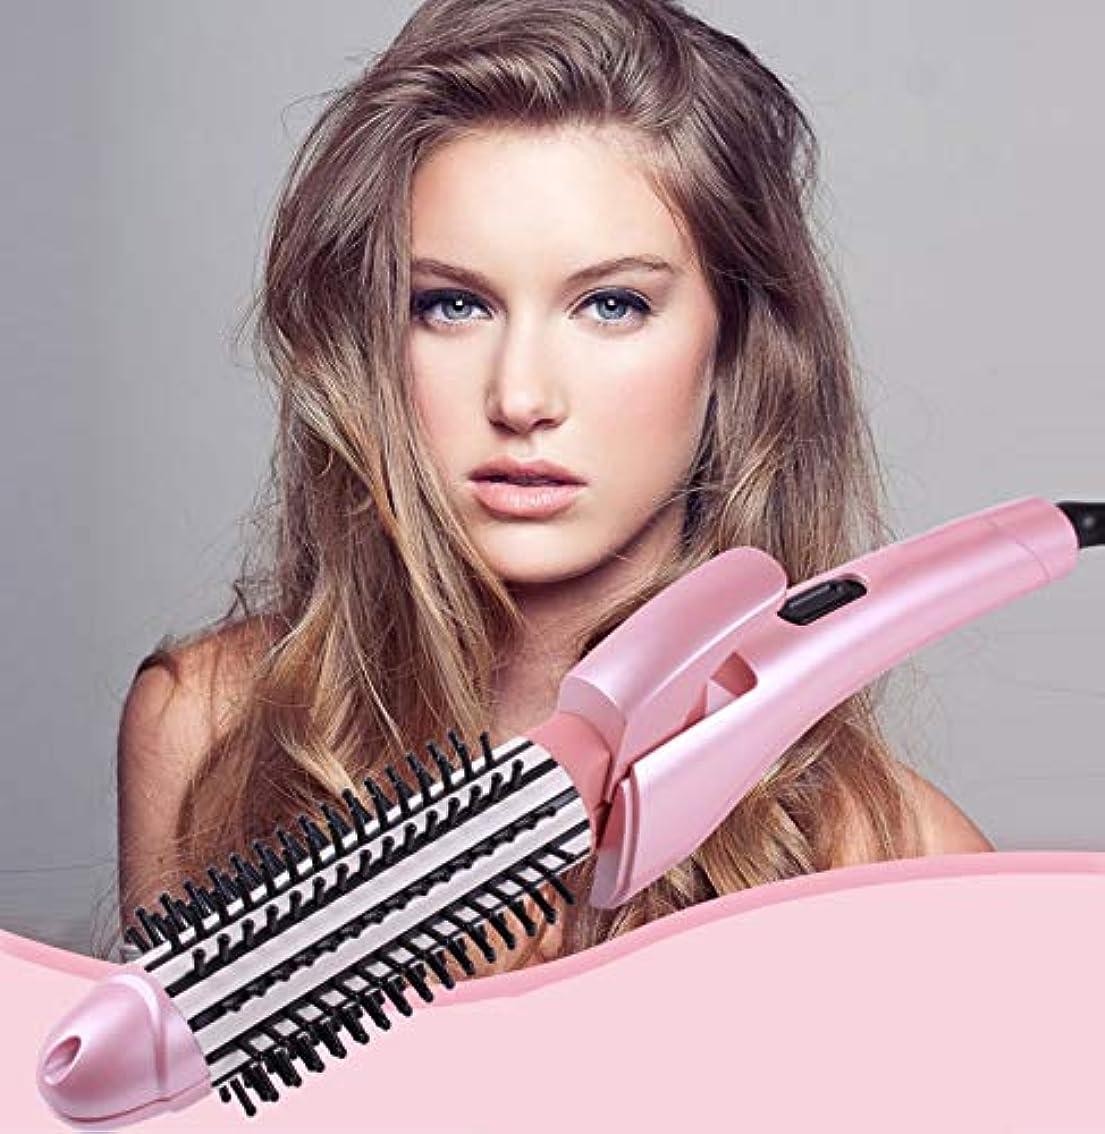 ファッション識別するケーキ折りたたみ調整ミニポータブルベルト2 in 1巻き毛くしストレートヘアスティック(ピンク)